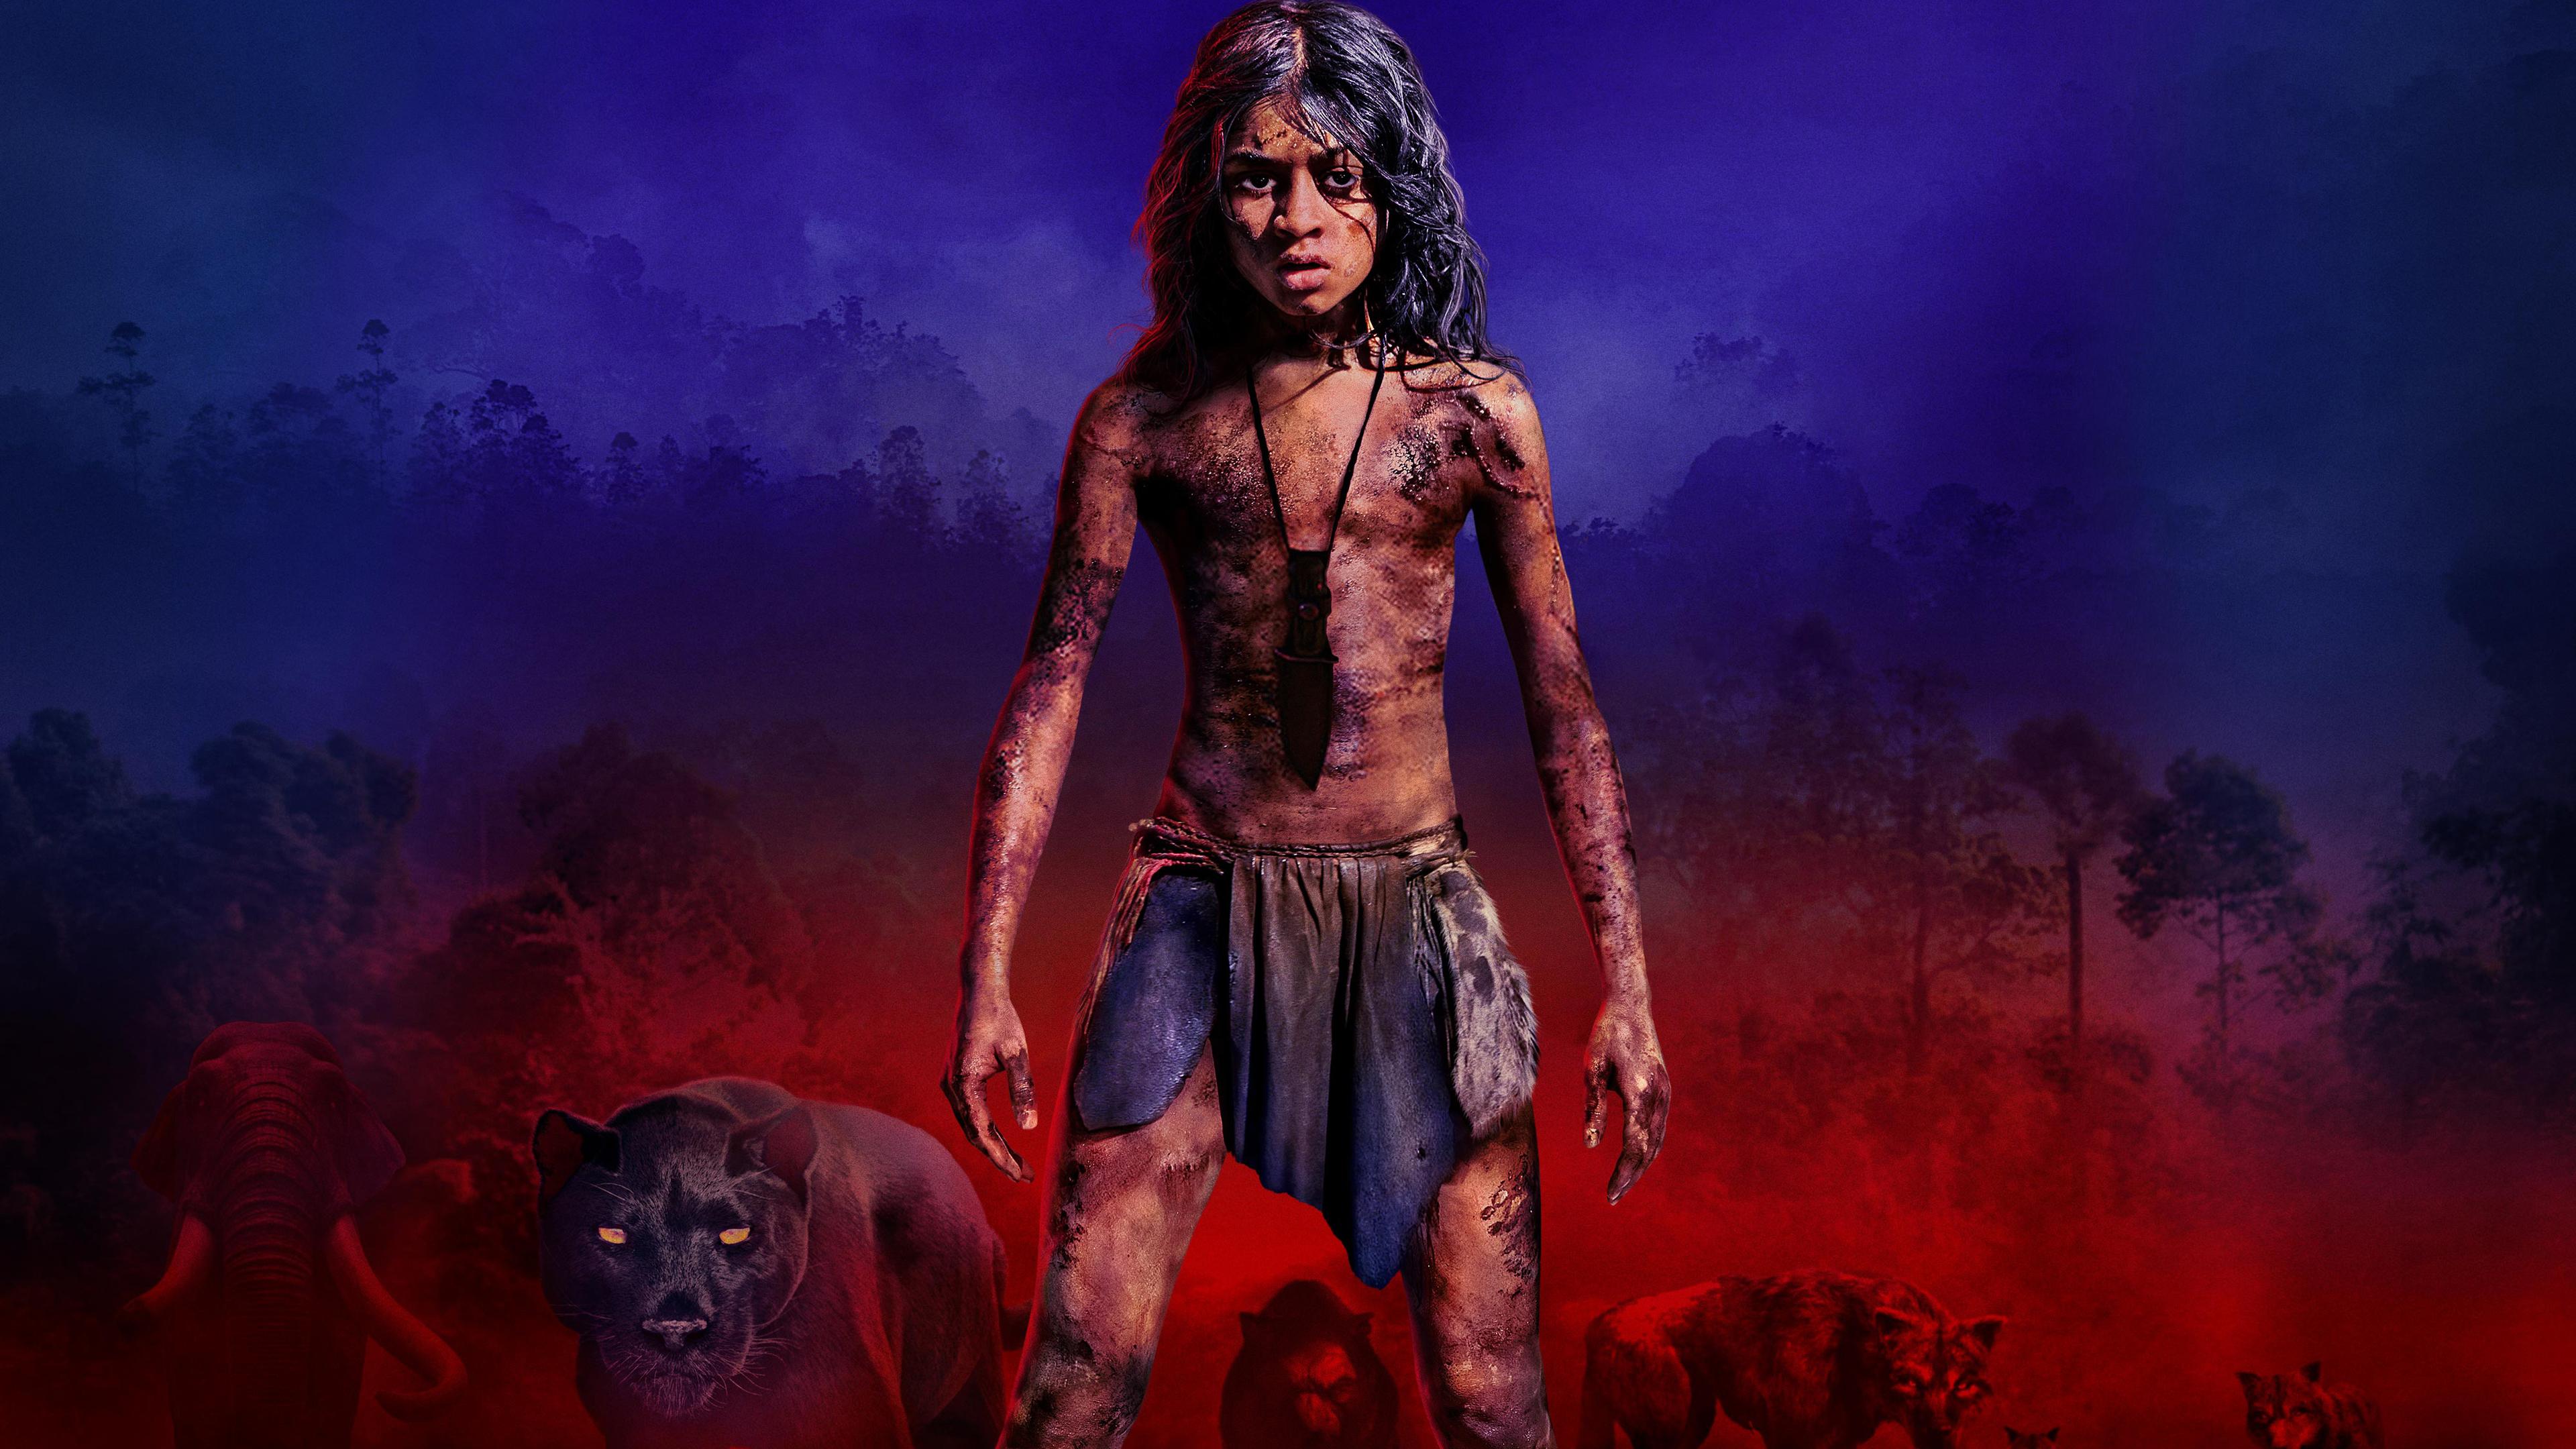 mowgli movie 4k 1543105519 - Mowgli Movie 4k - poster wallpapers, netflix wallpapers, mowgli wallpapers, movies wallpapers, hd-wallpapers, 4k-wallpapers, 2018-movies-wallpapers